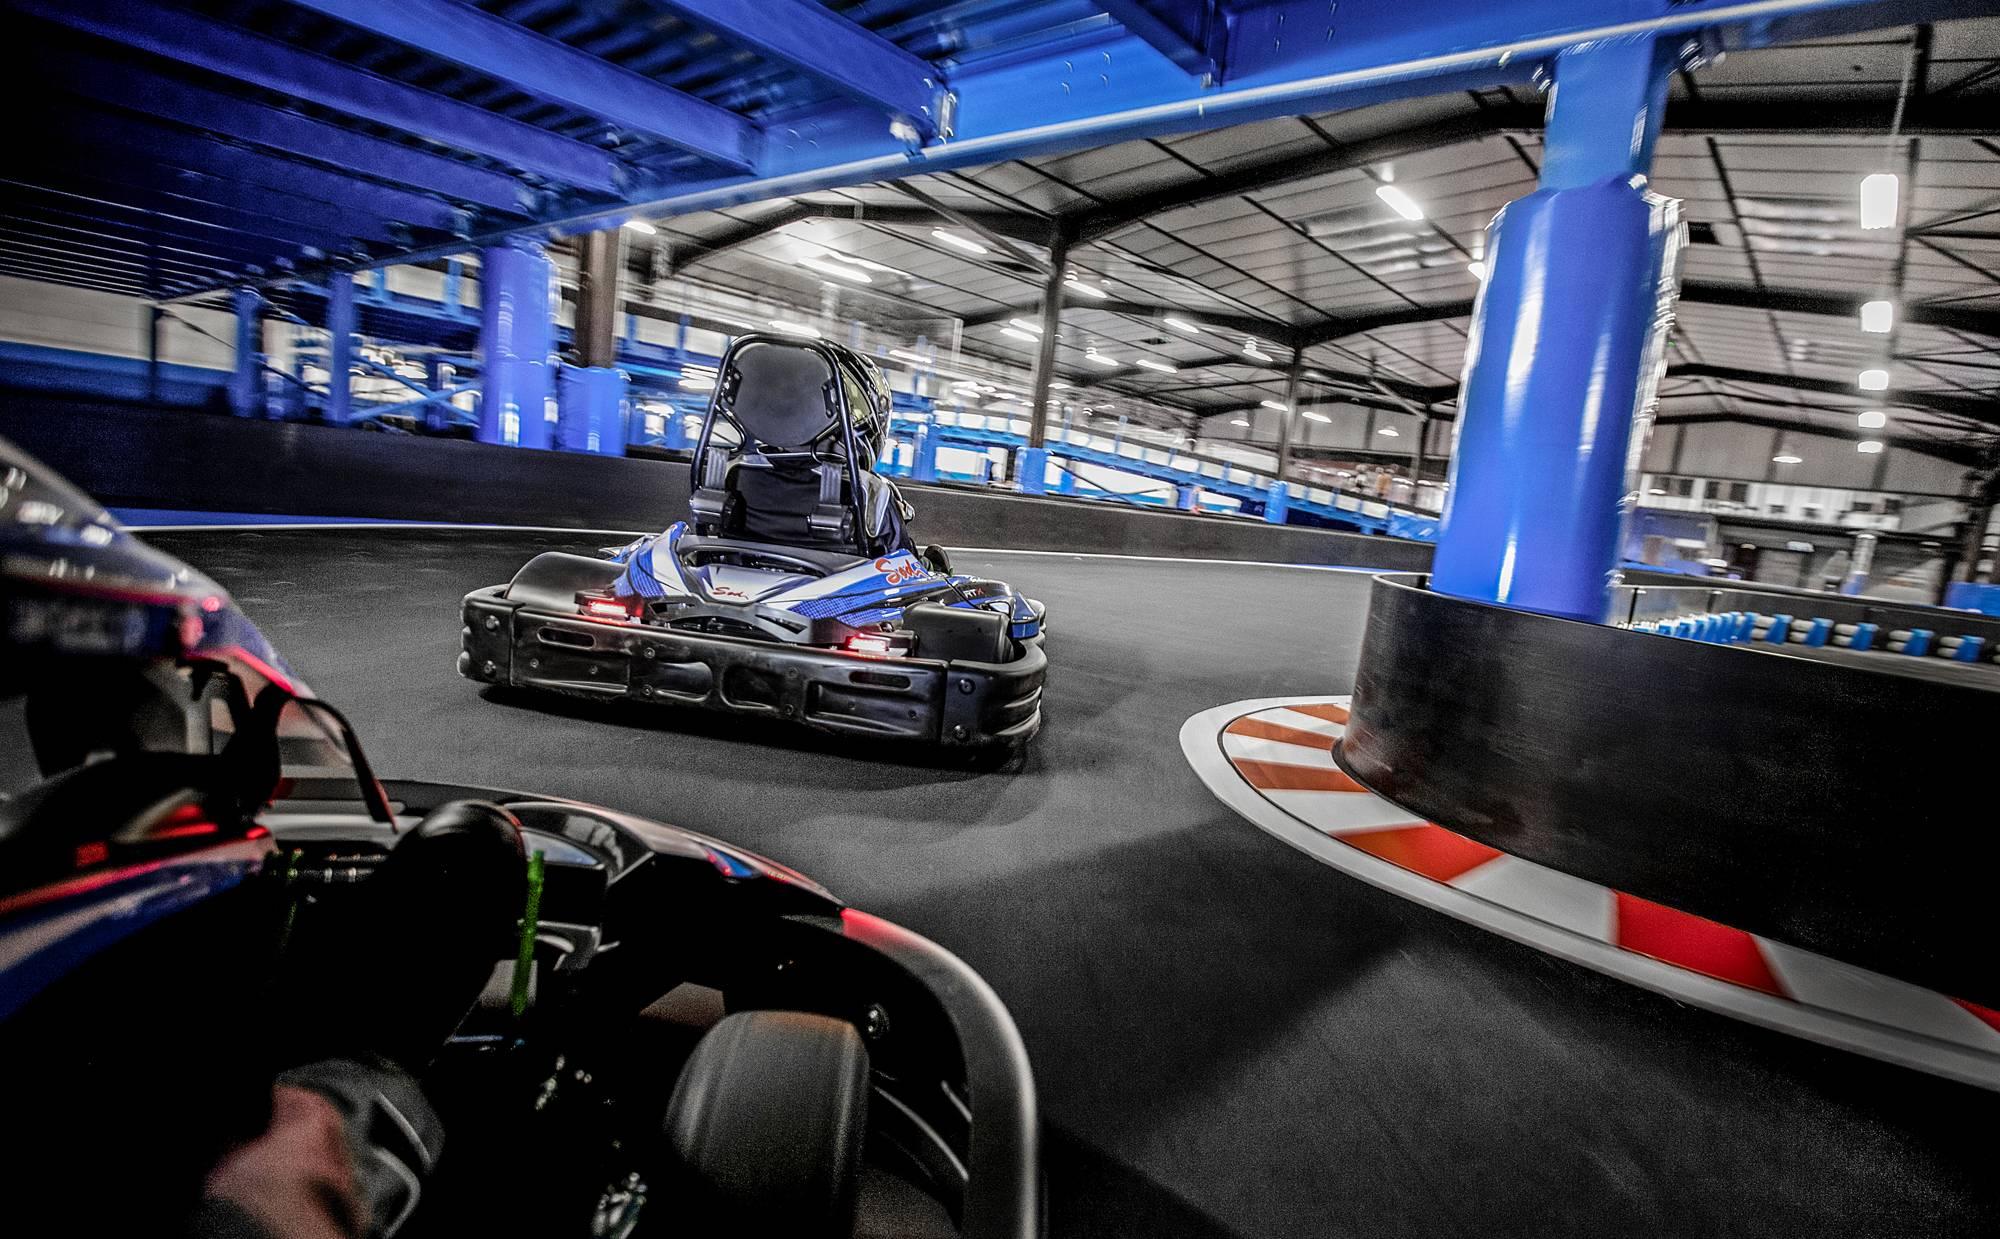 choix entre karting indoor ou karting outoor à lyon